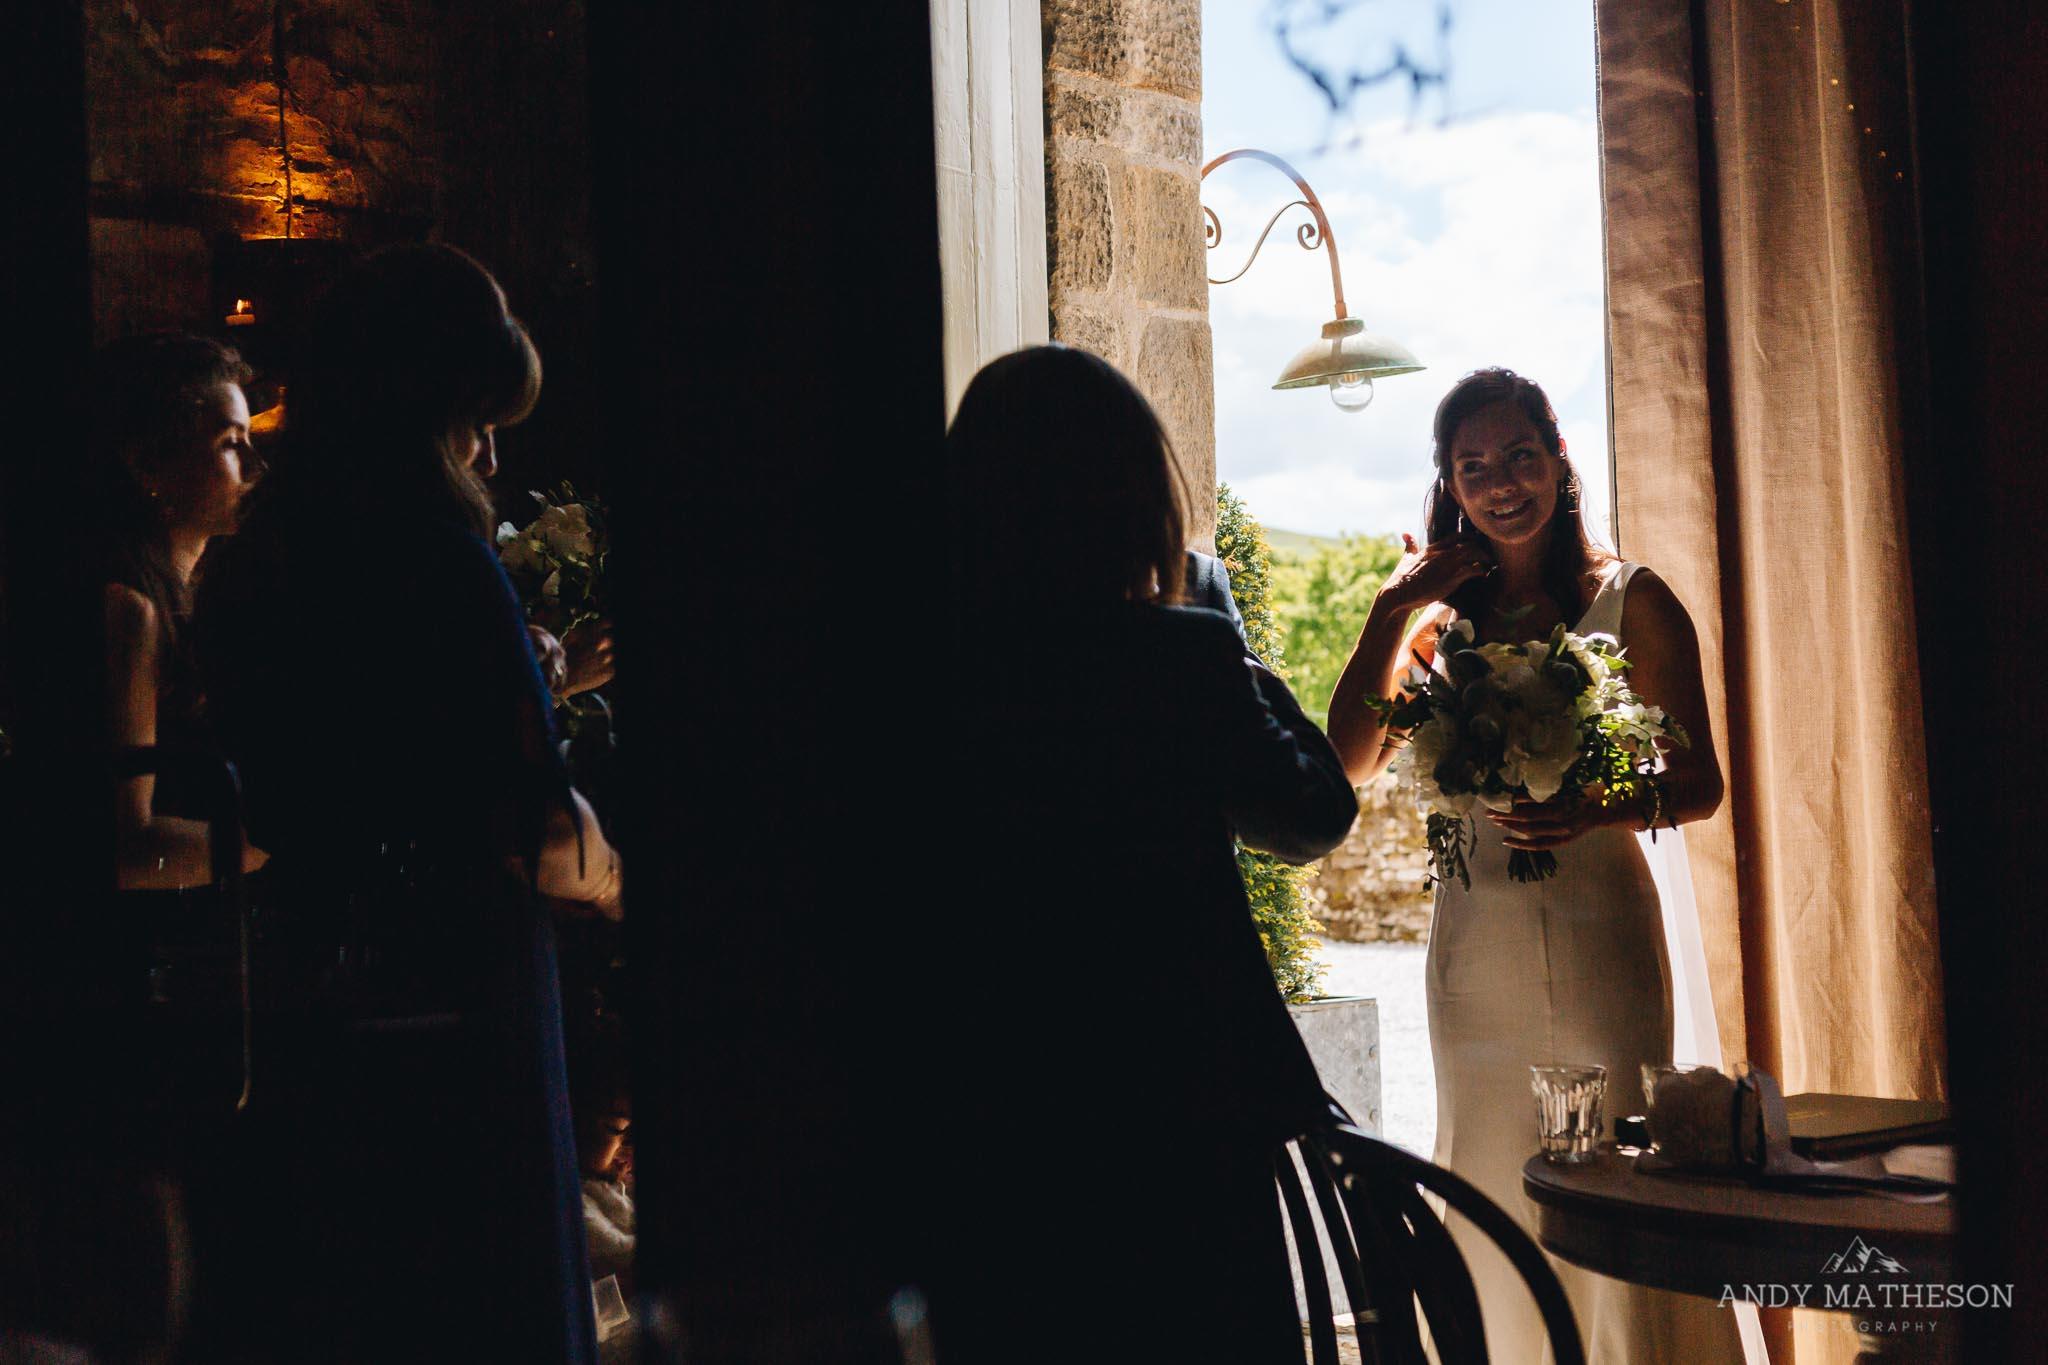 Tithe Barn Bolton Abbey Wedding Photographer_Andy Matheson_029.jpg